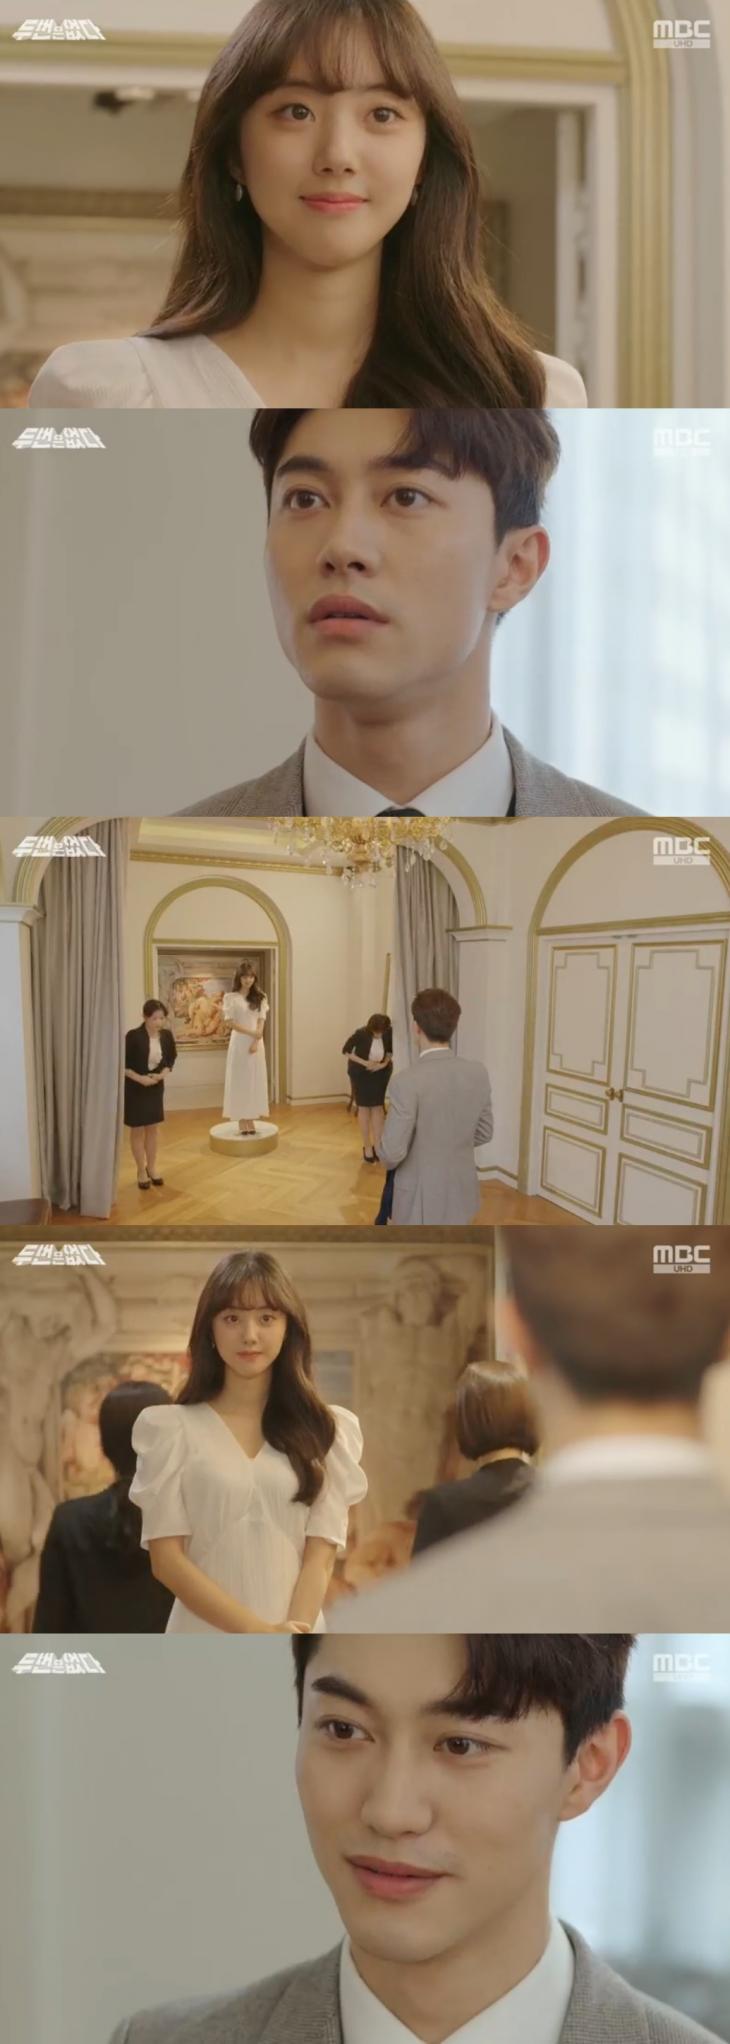 MBC 드라마 '두번은 없다'